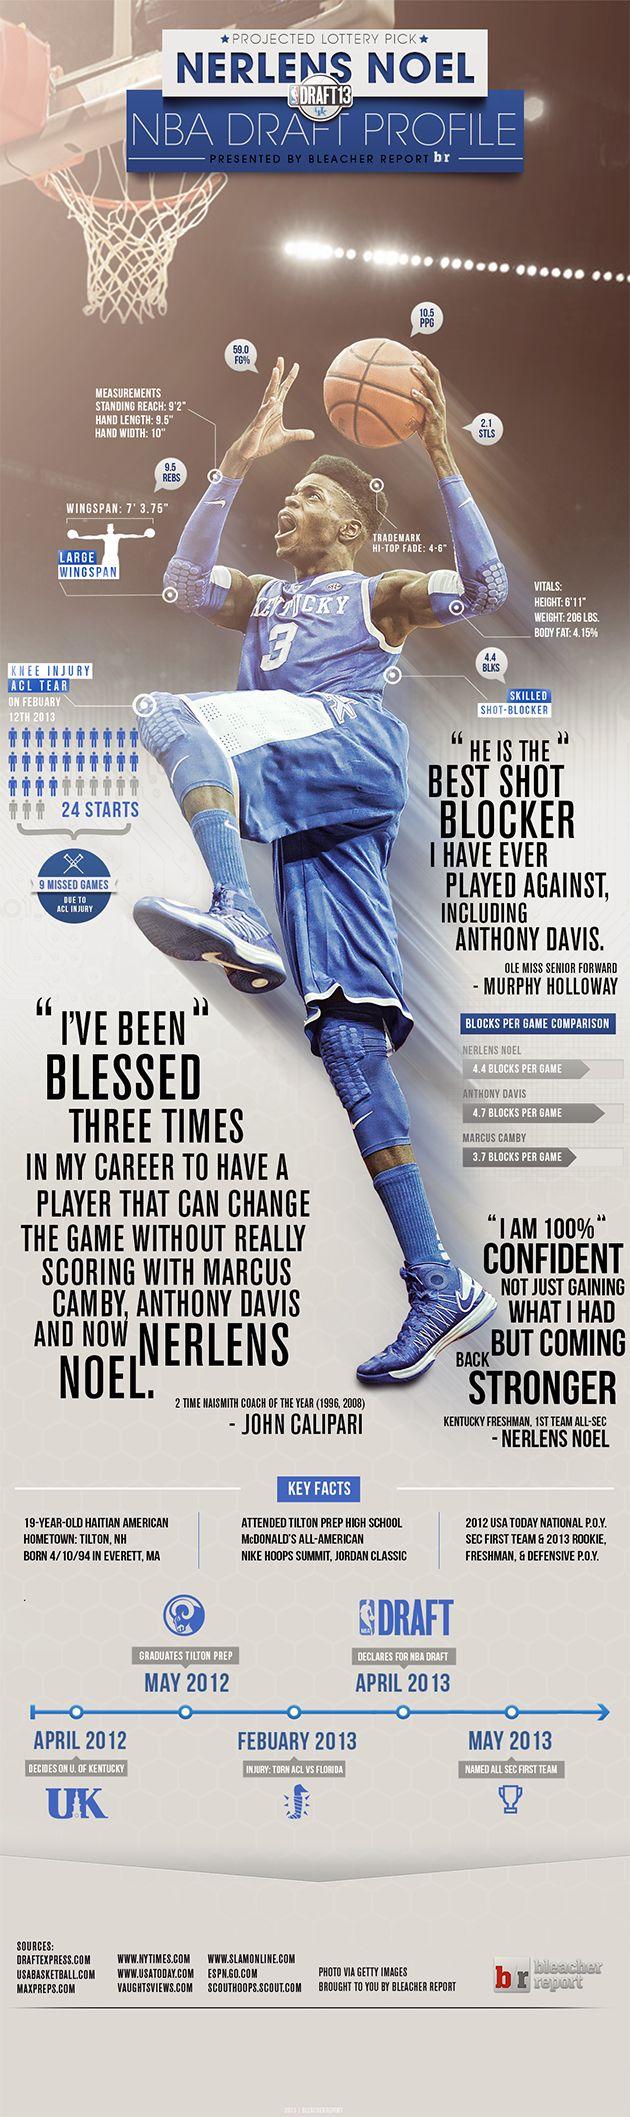 2013 Draft: Nerlens Noel  OG